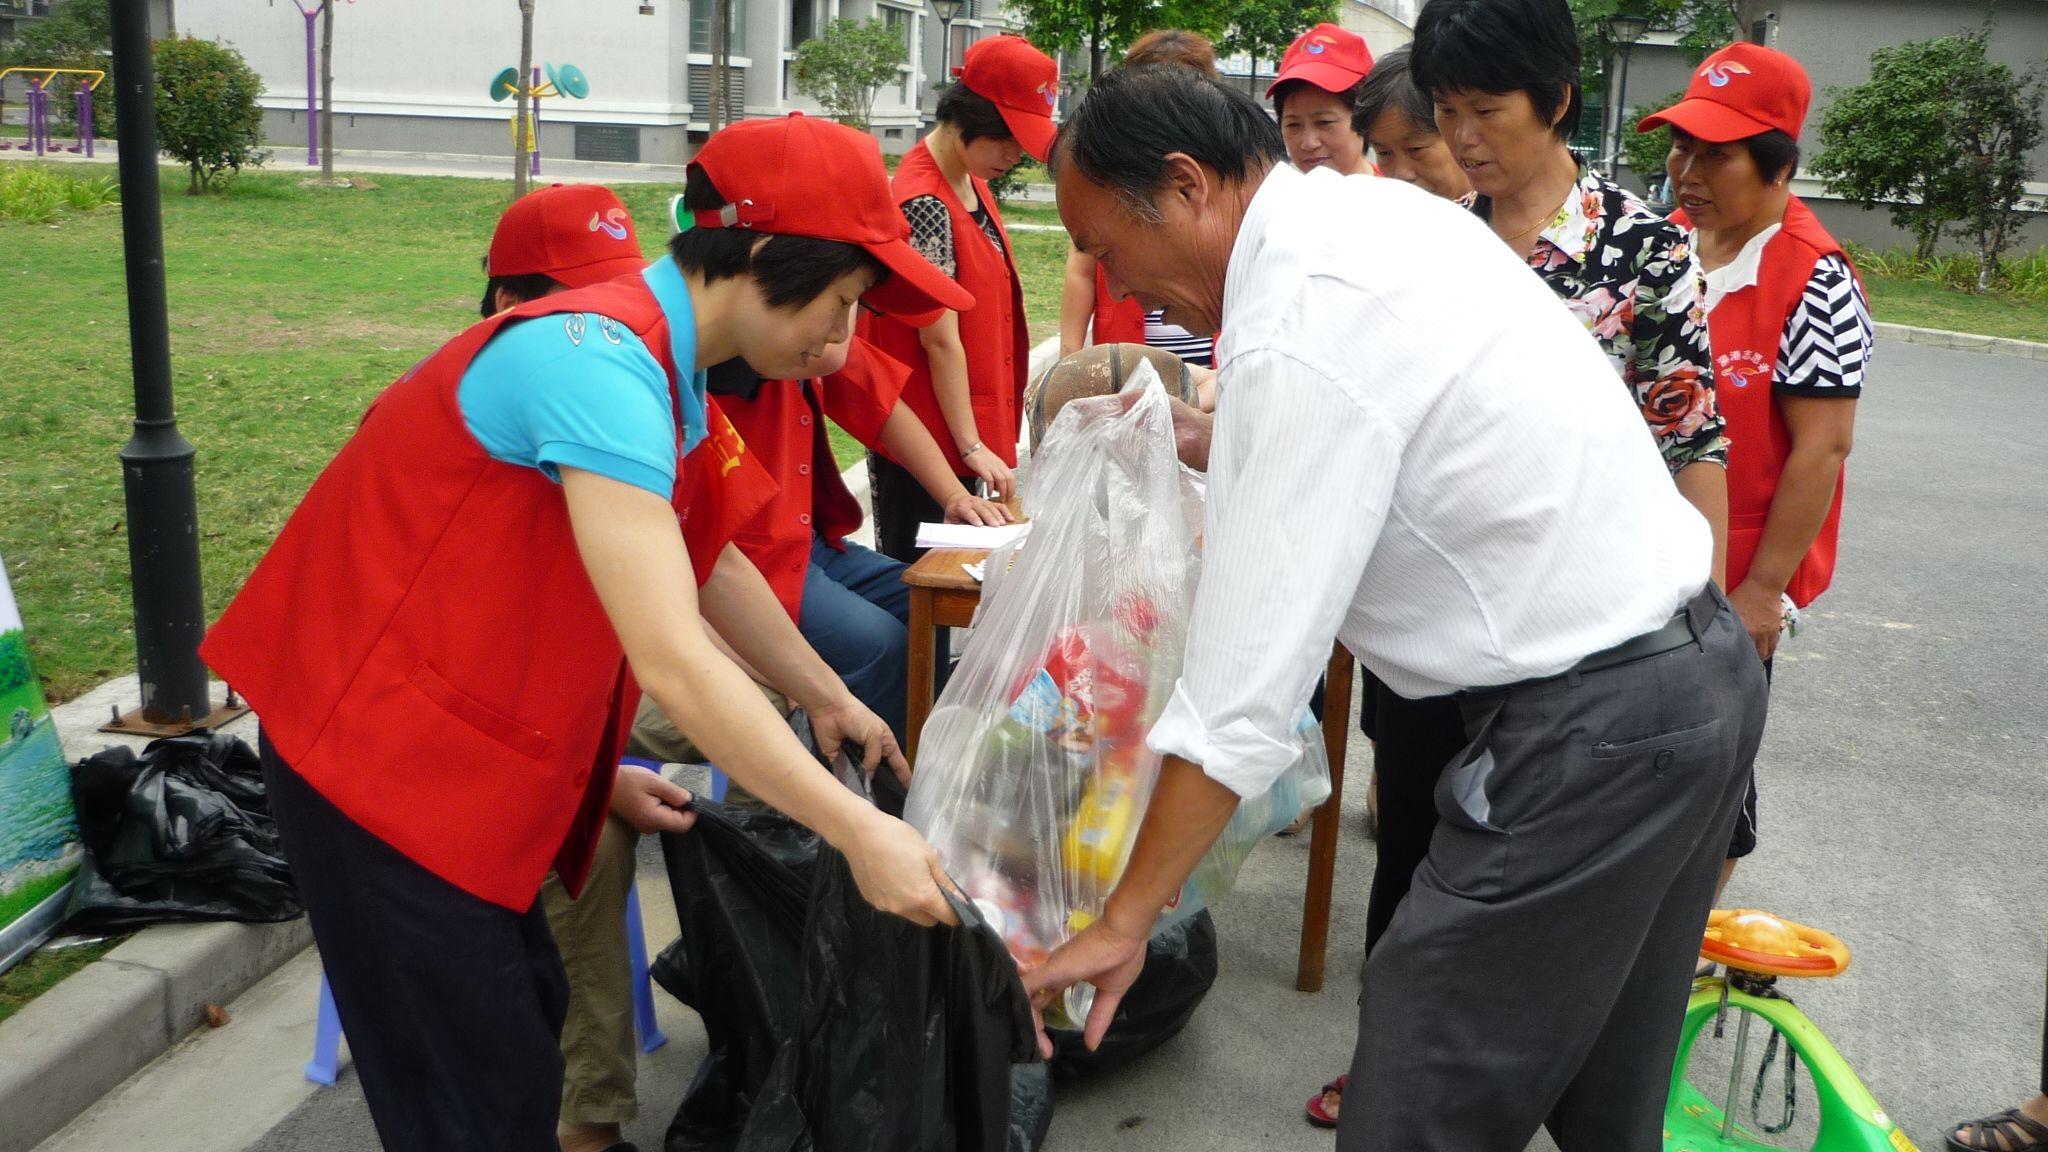 社区志愿者服务心得_志愿者证书有什么用处_百度知道